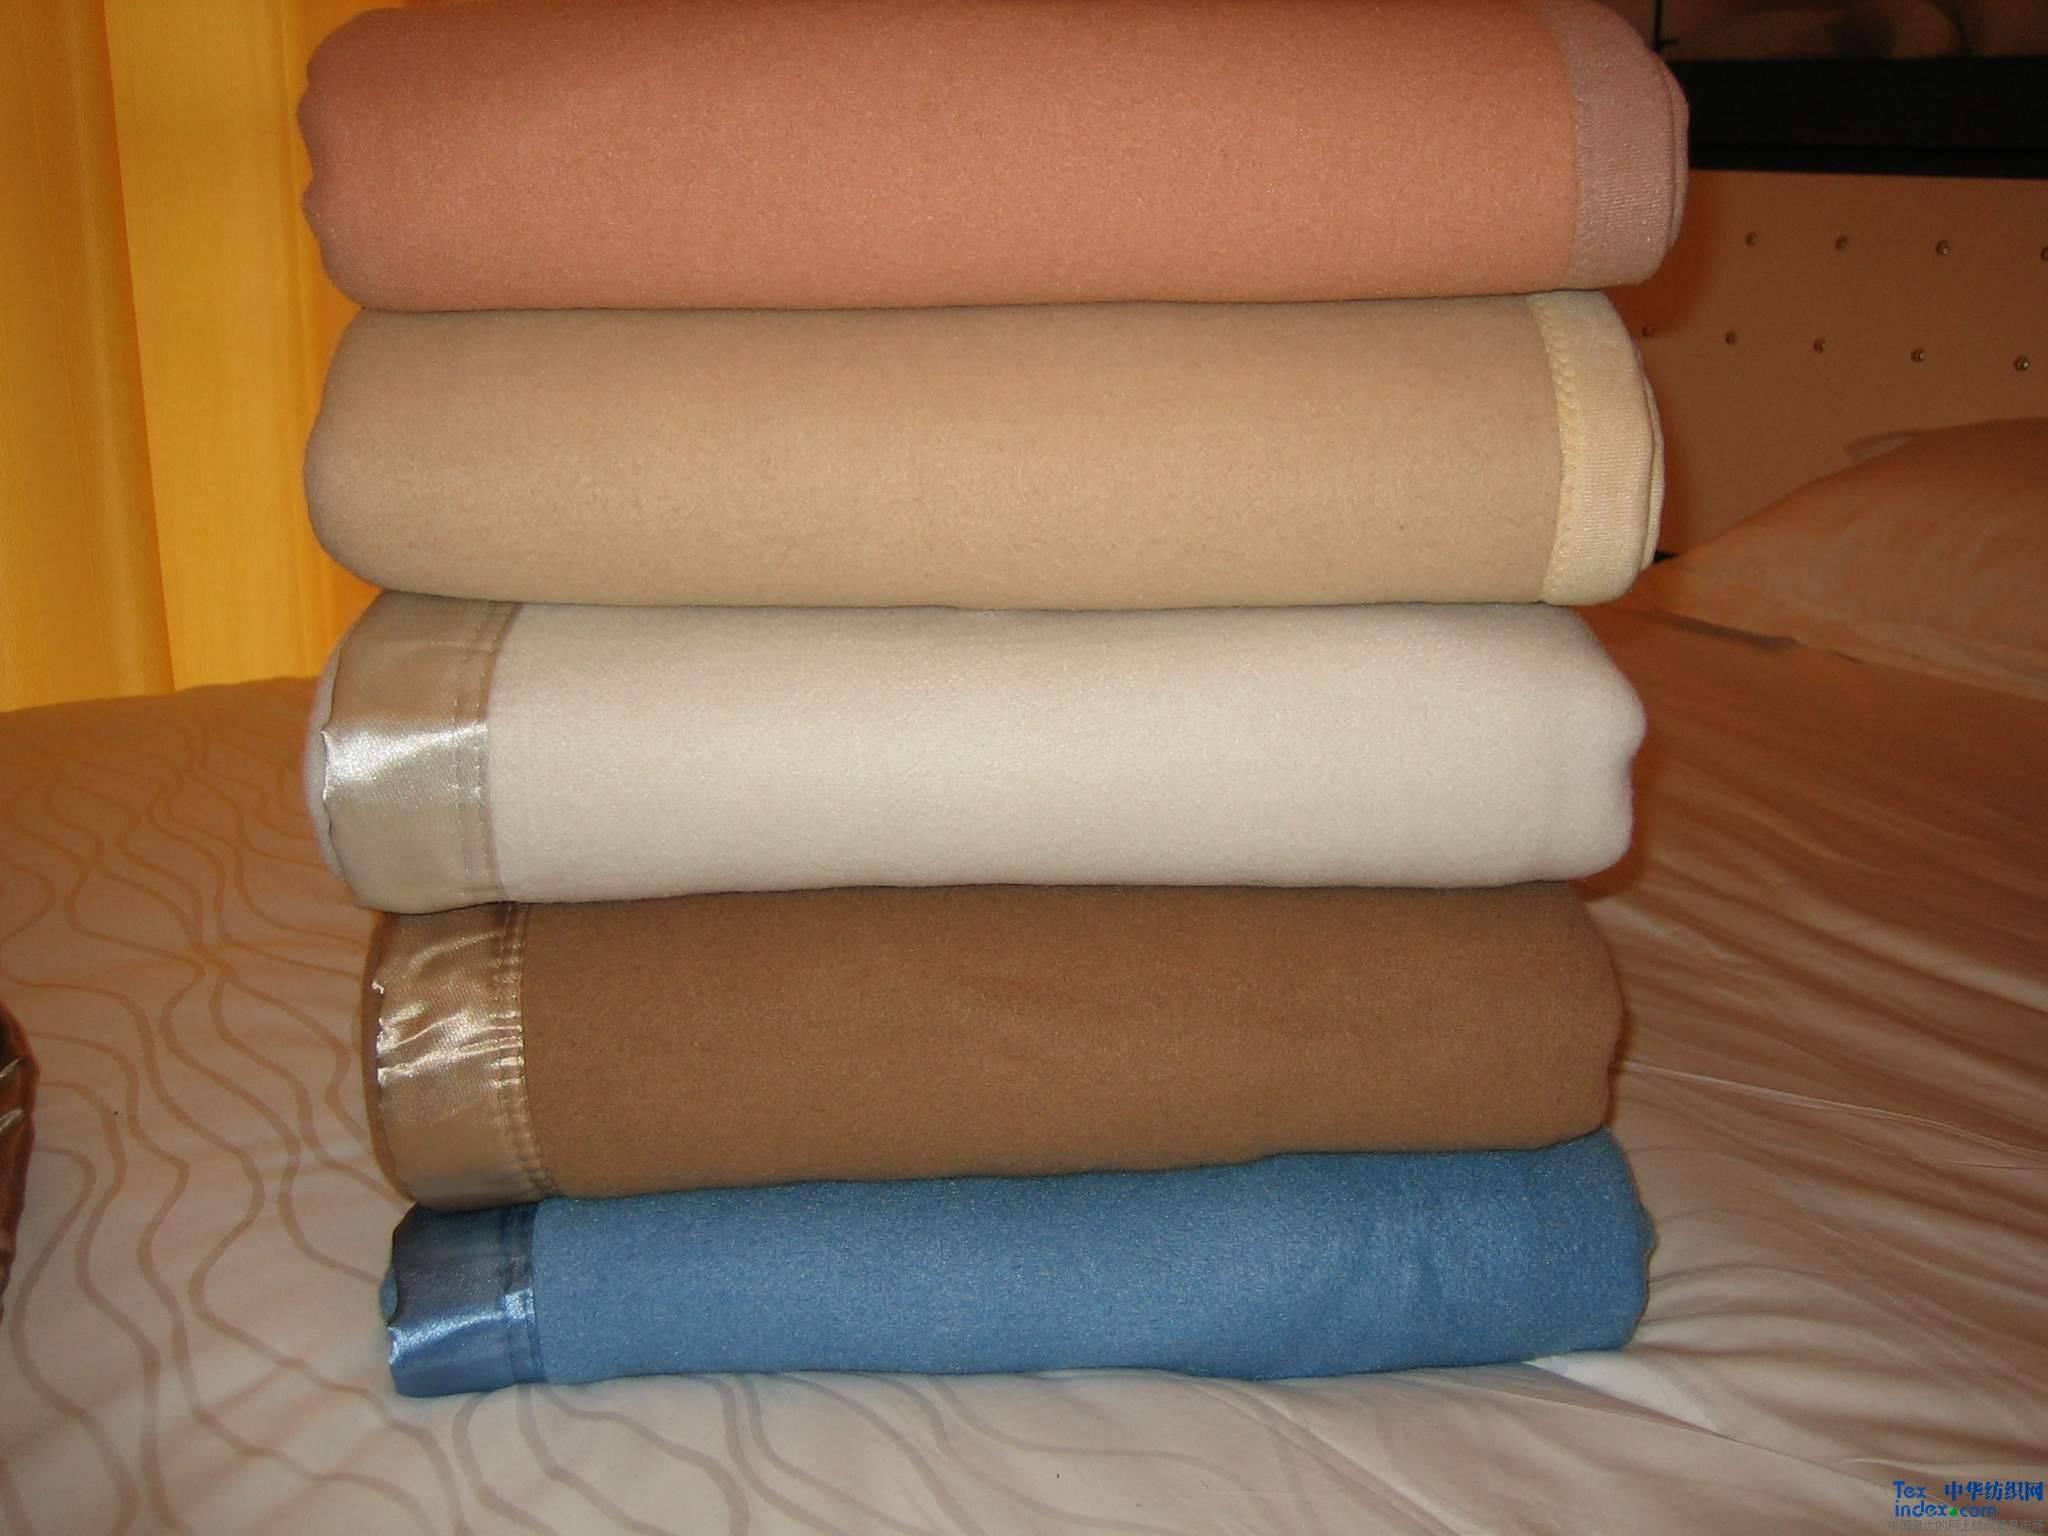 100% wool flame retardant blanket